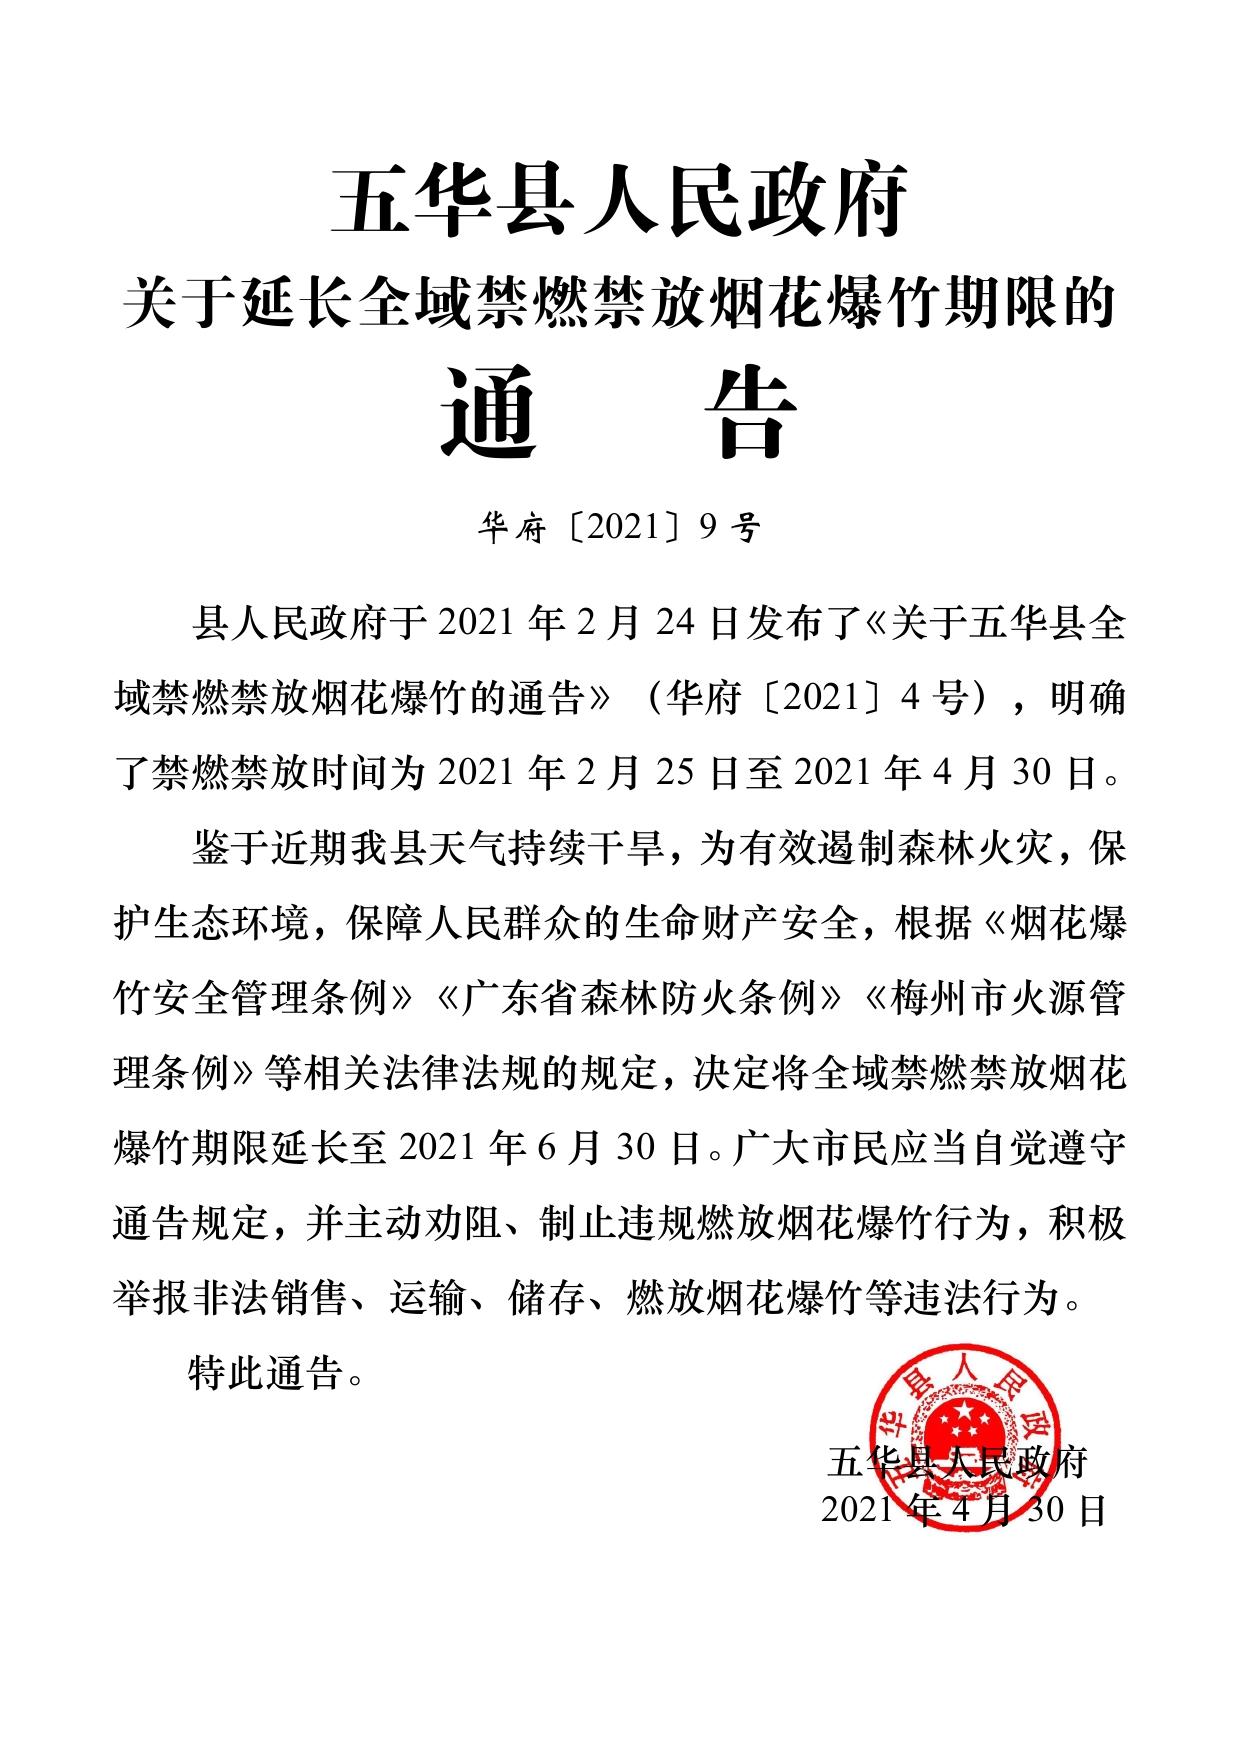 9号五华县人民政府关于延长全域禁燃禁放烟花爆竹期限的通告0000.jpg